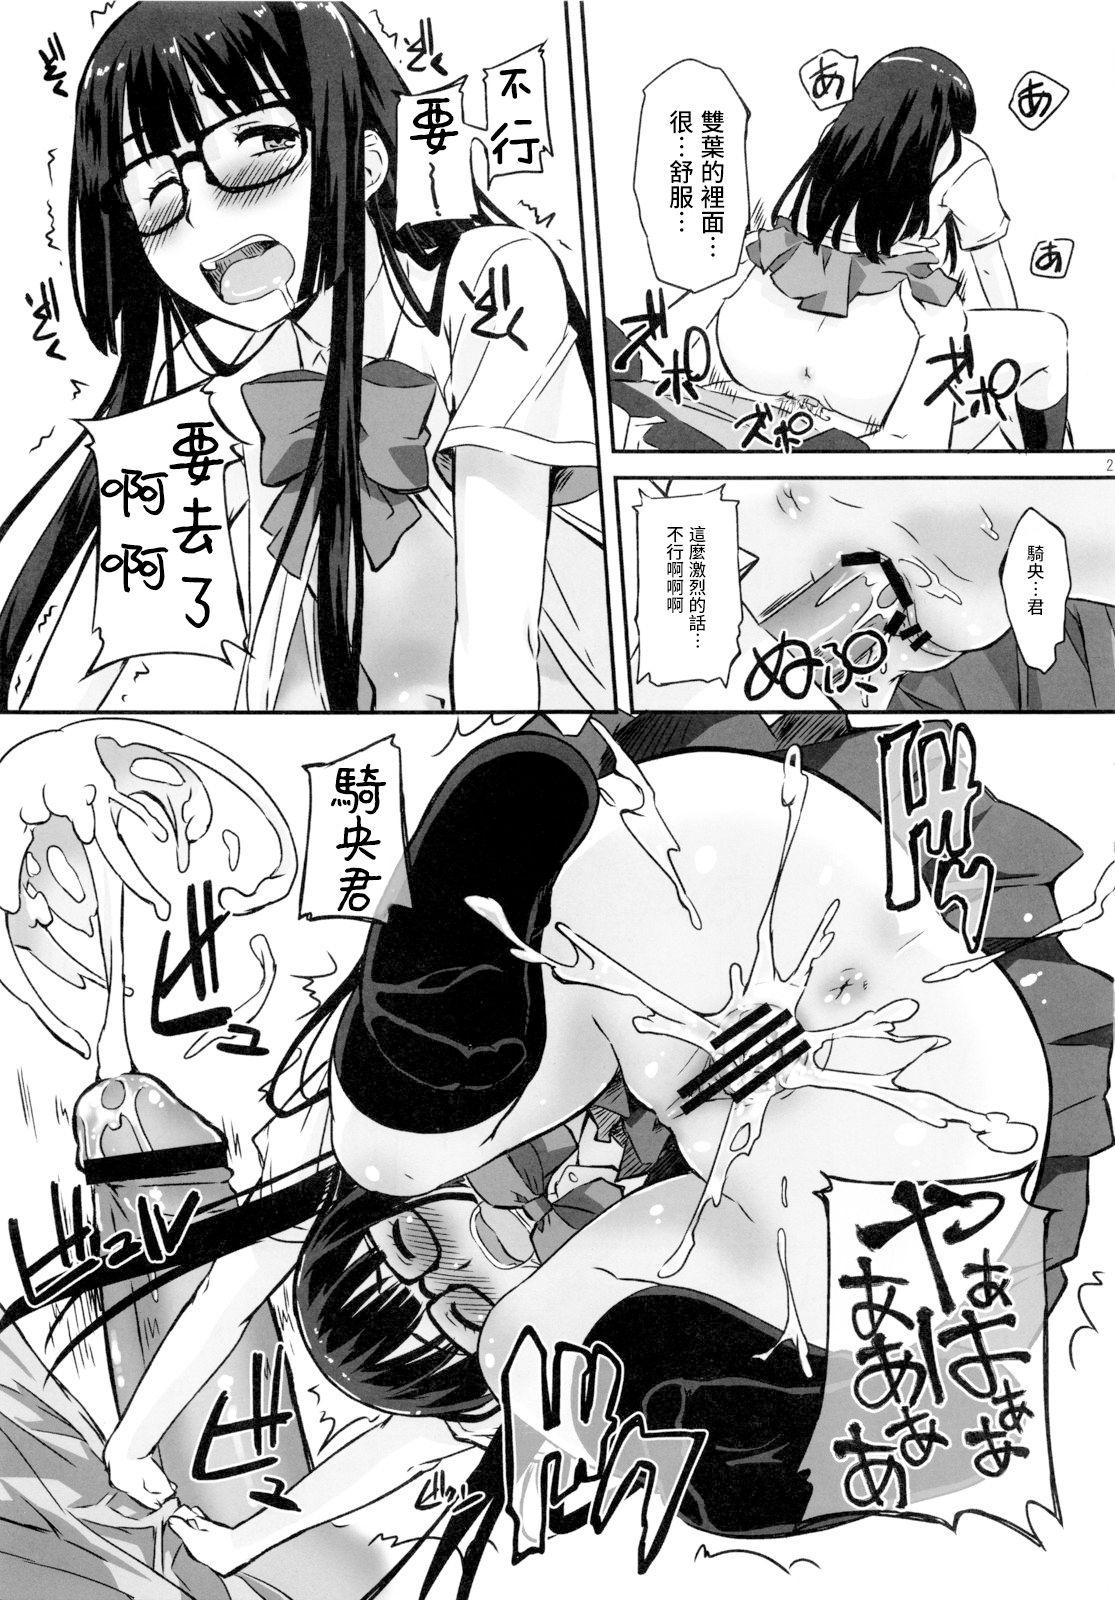 Asoko de Iku yo! 2 26